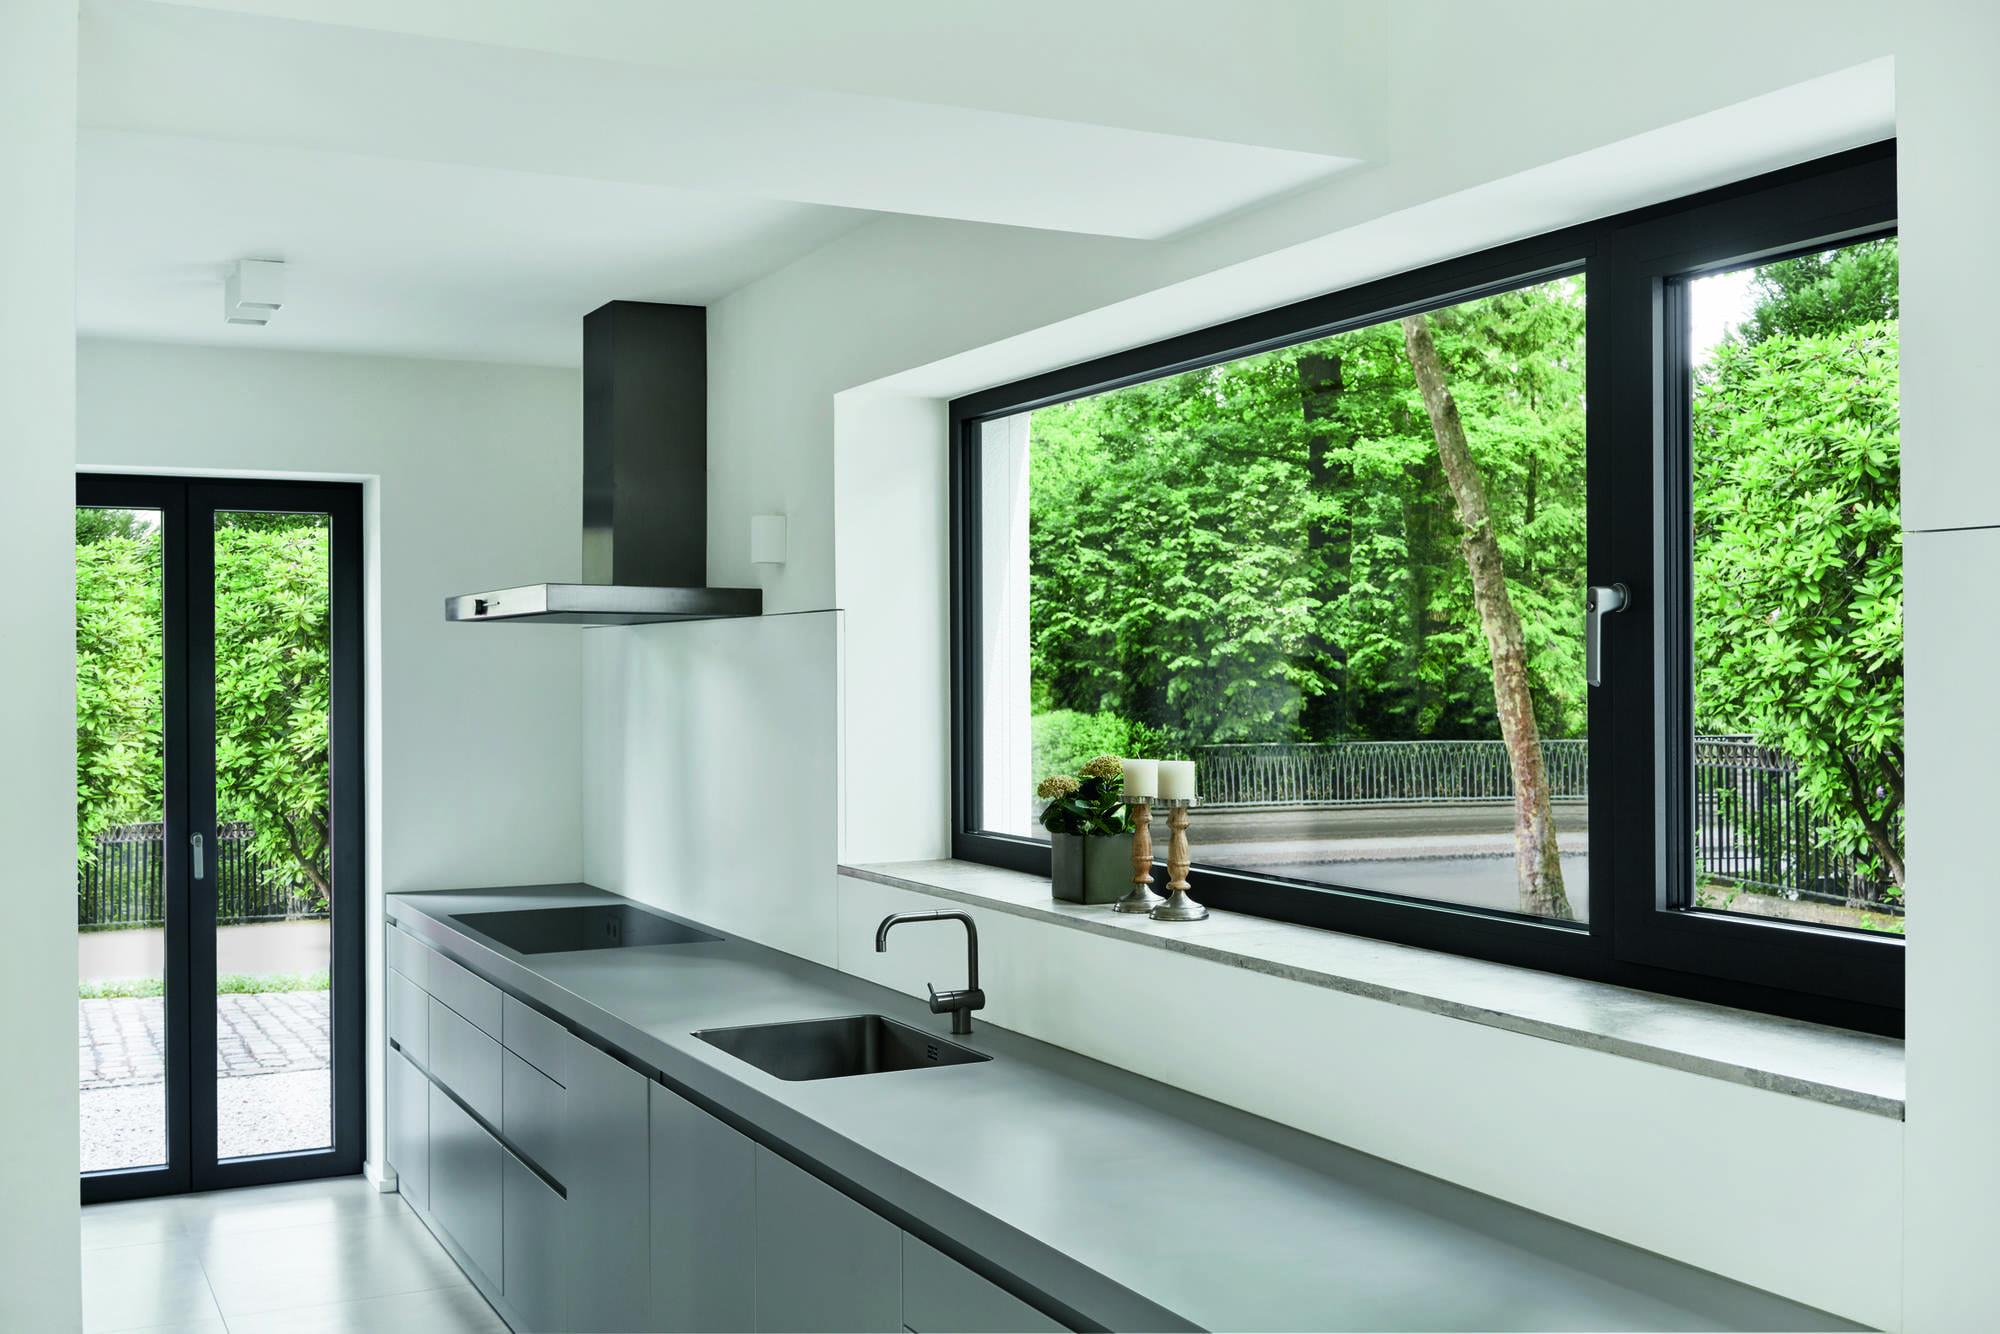 Изготовления пластиковых окон из ПВХ Schuco, высокое качество конструкций